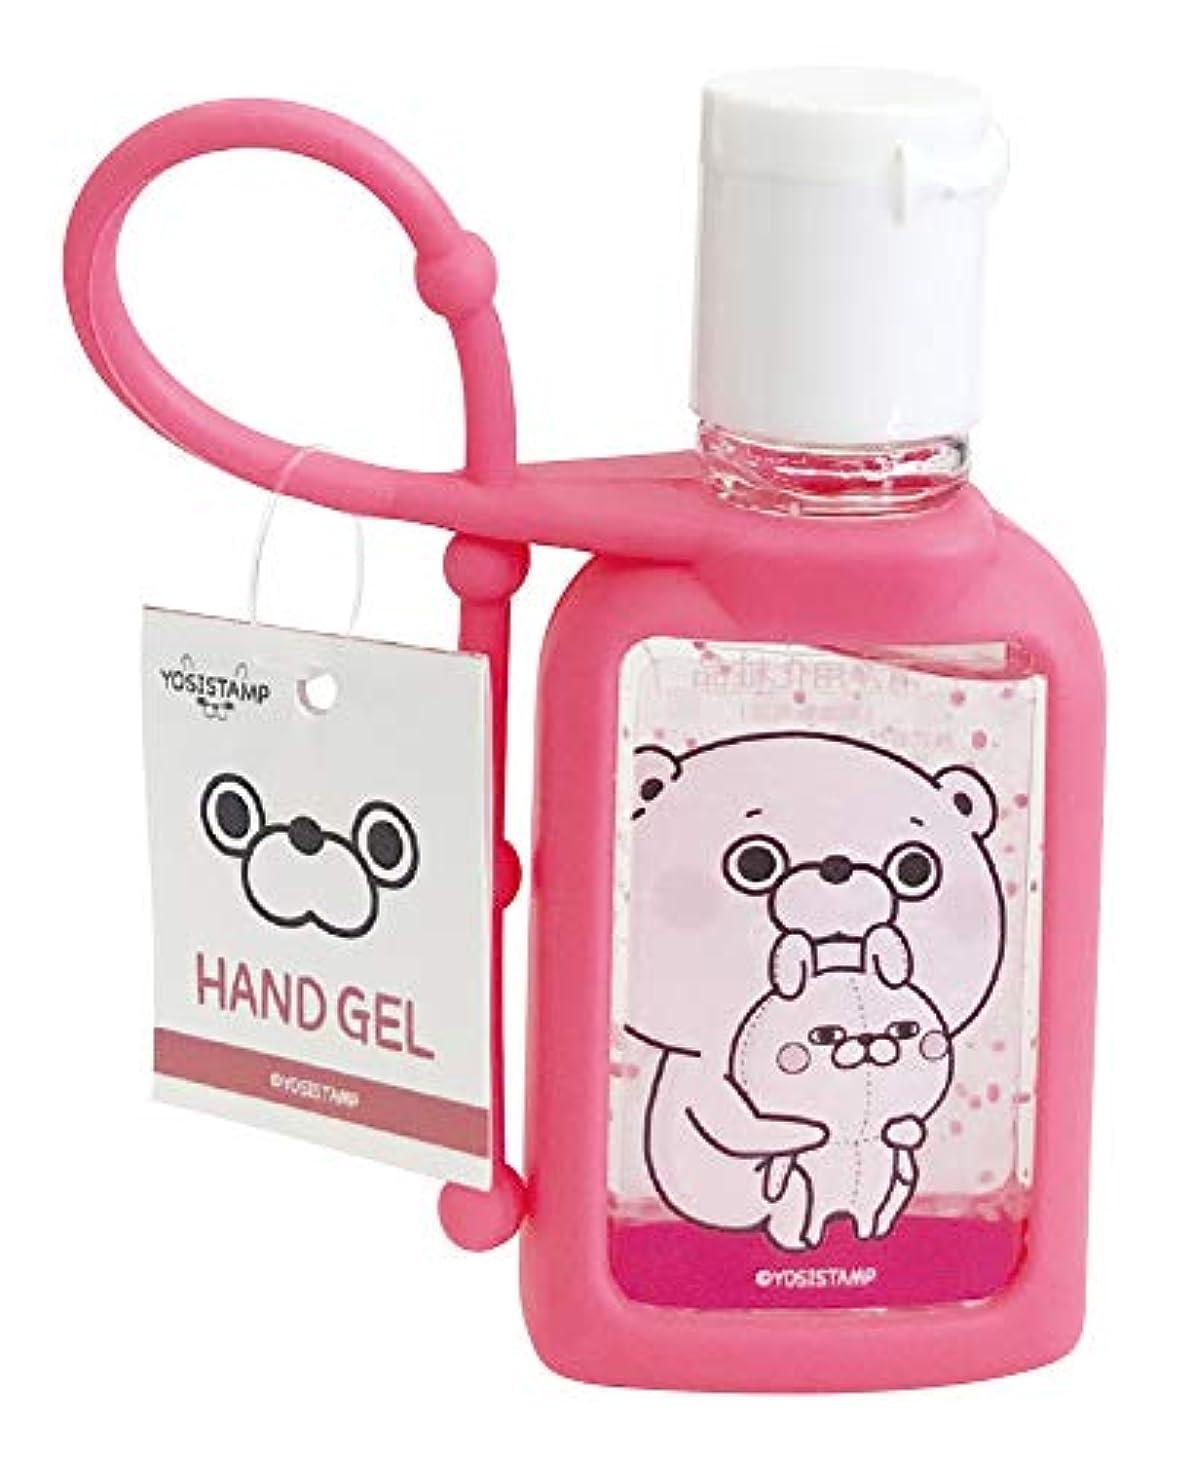 休日ライオン孤独ヨッシースタンプ ハンドジェル 携帯用 かまちょ 無香料 30ml ABD-022-001